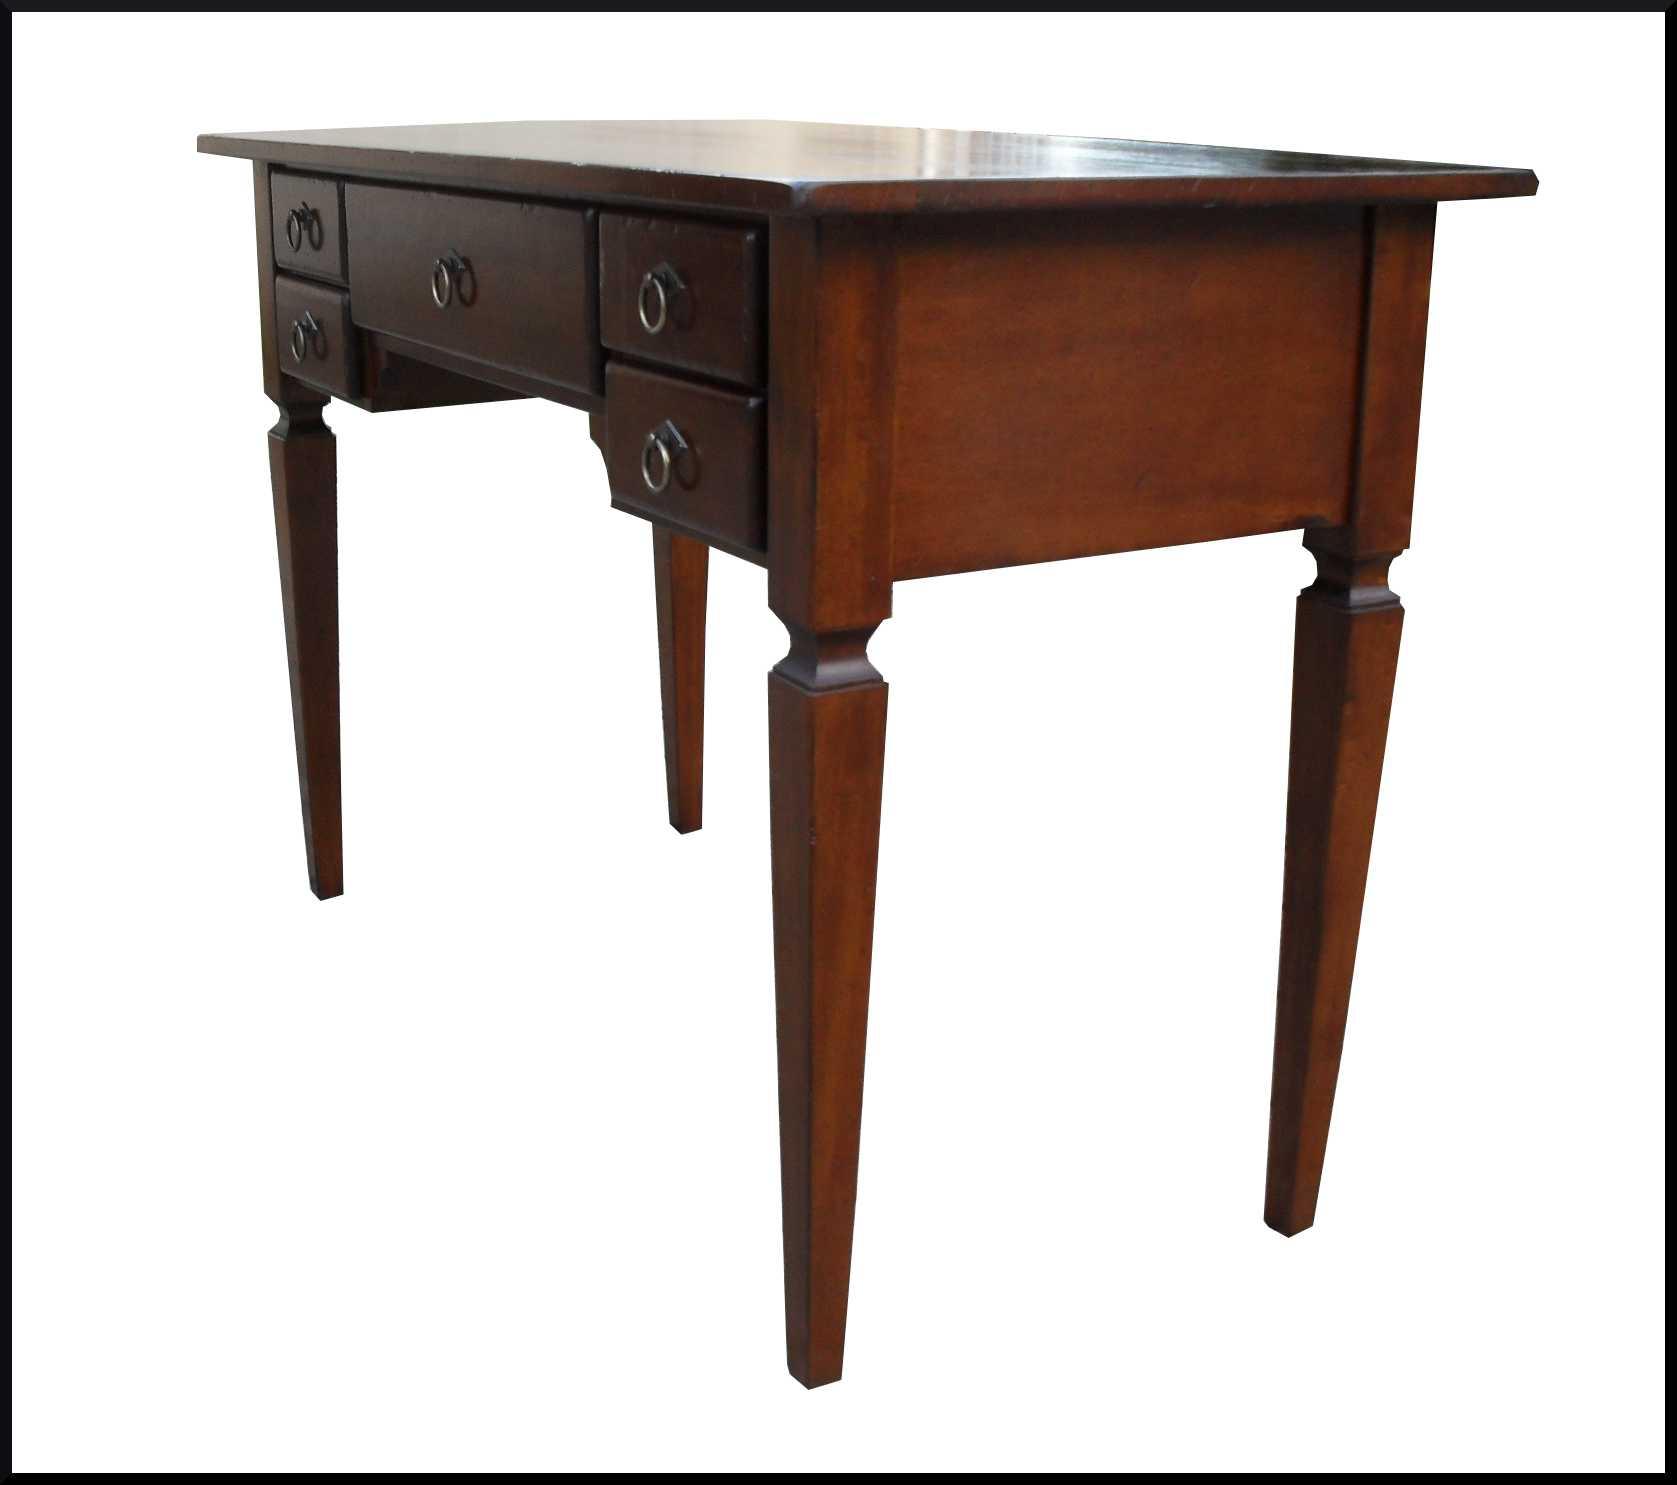 Scrittoio legno massello arte povera la commode di davide corno - Catalogo mobili arte povera ...